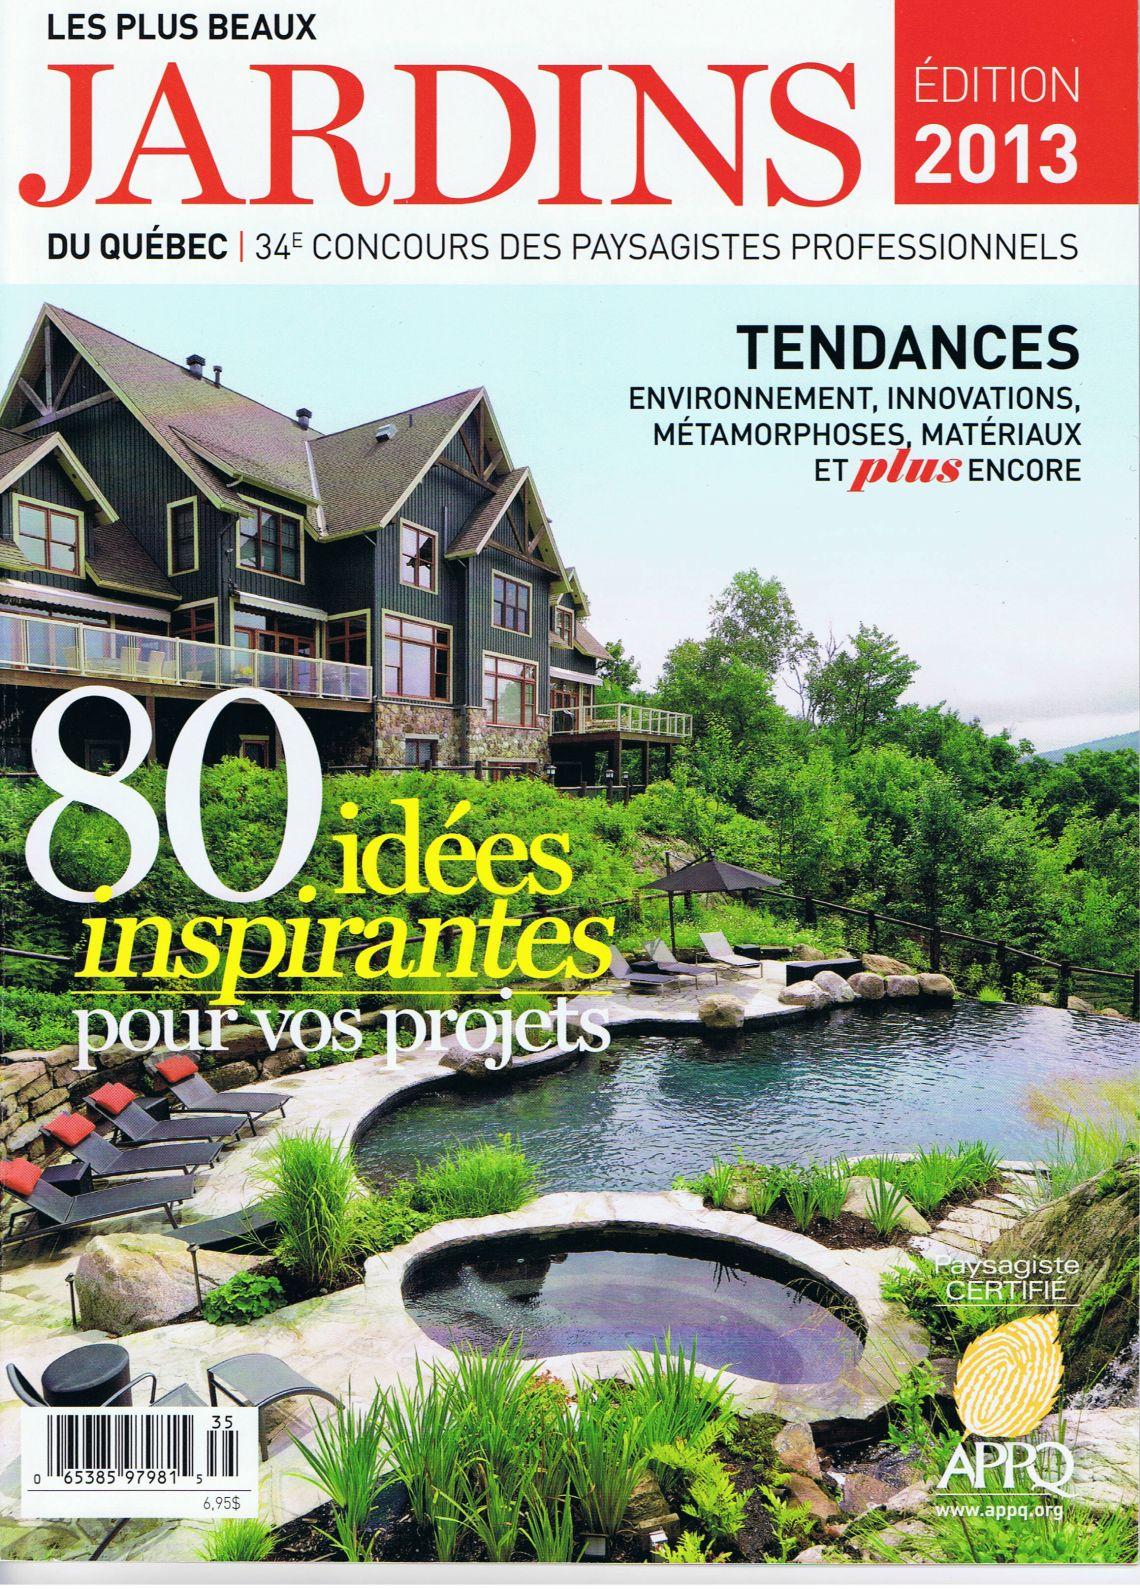 Les plus beaux jardins 2013 - Plani-Paysage